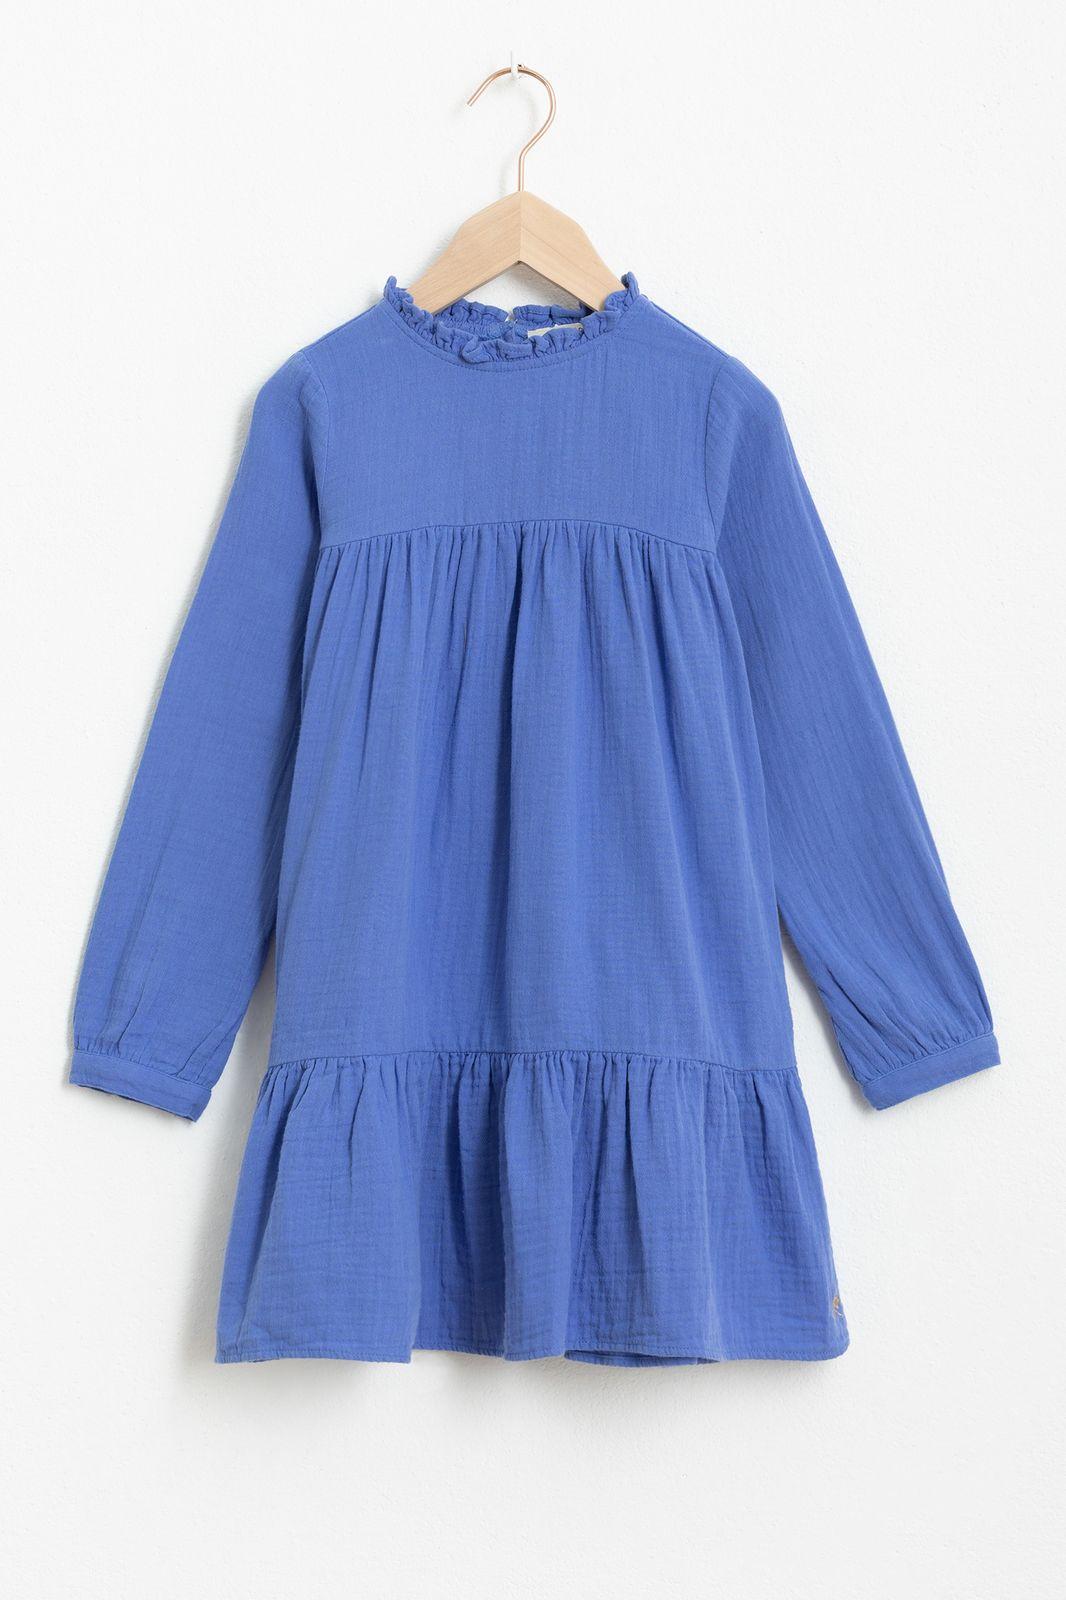 Blauwe mousseline jurk met ruffles - Kids | Sissy-Boy